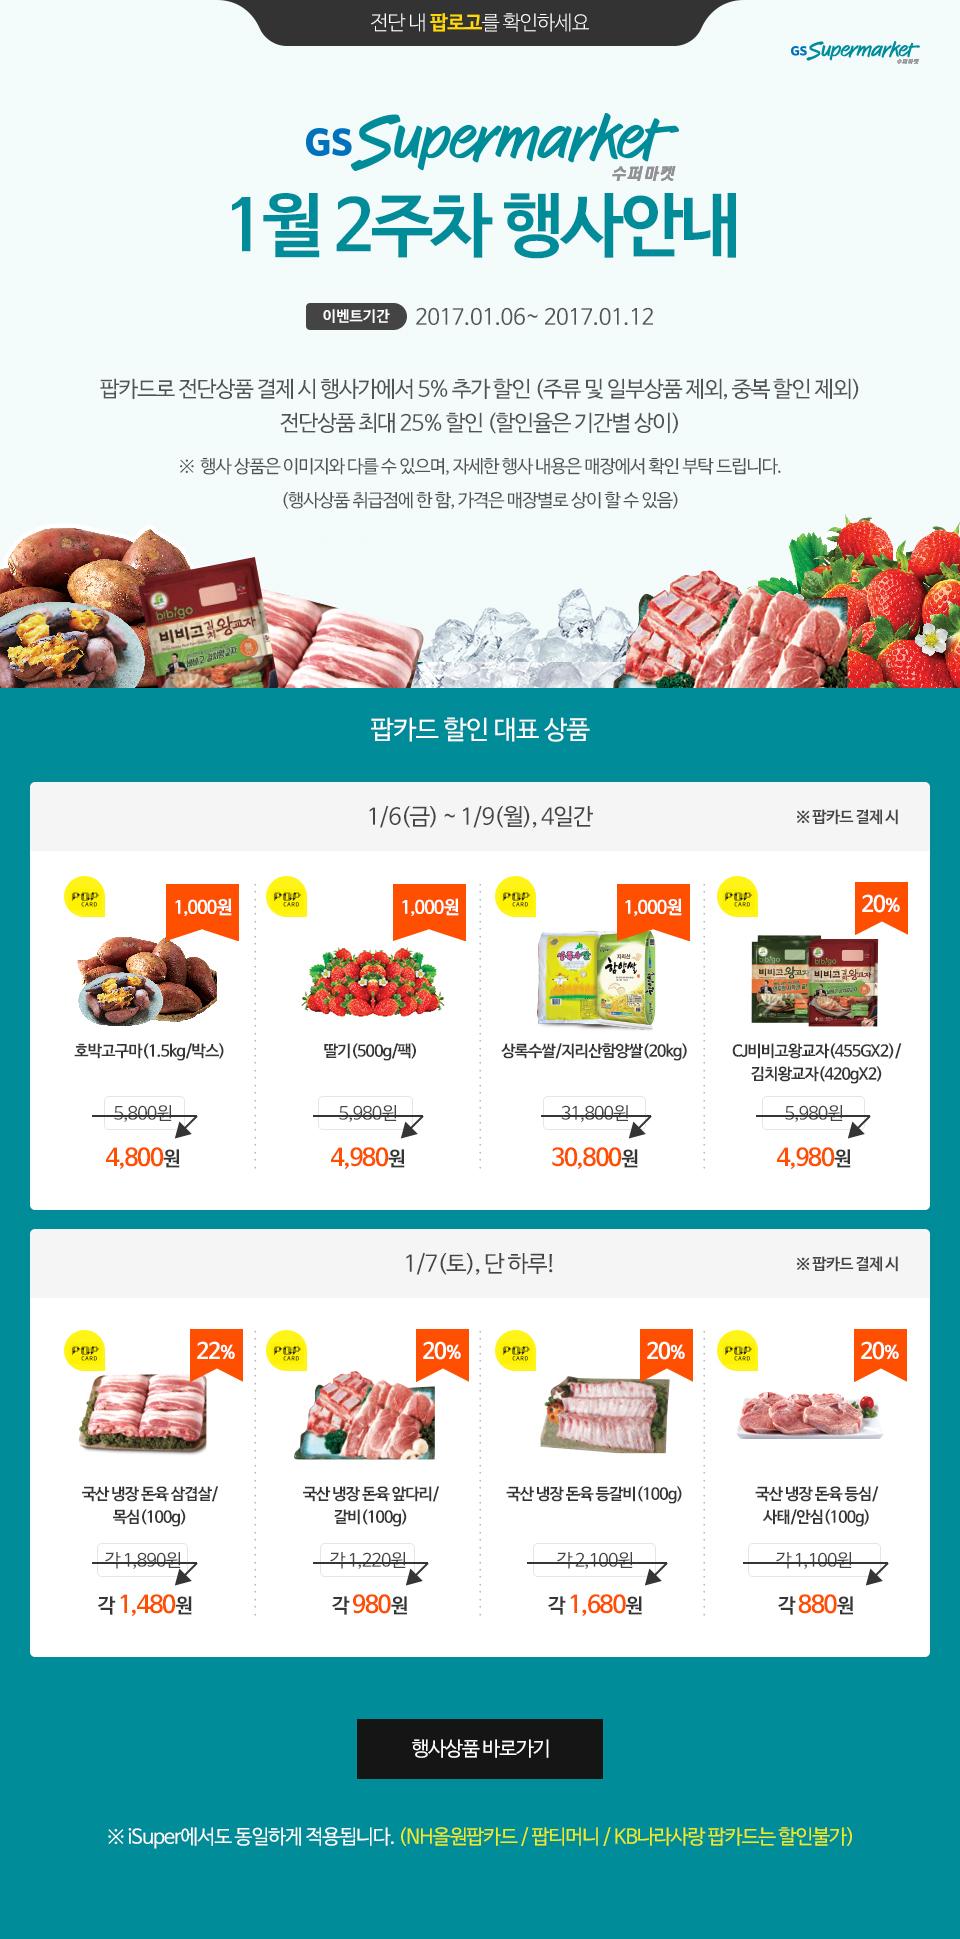 GS수퍼마켓 1월 2주차 행사안내 / 이벤트 기간:2017.01.06~ 2017.01.12 - 하단 상세설명